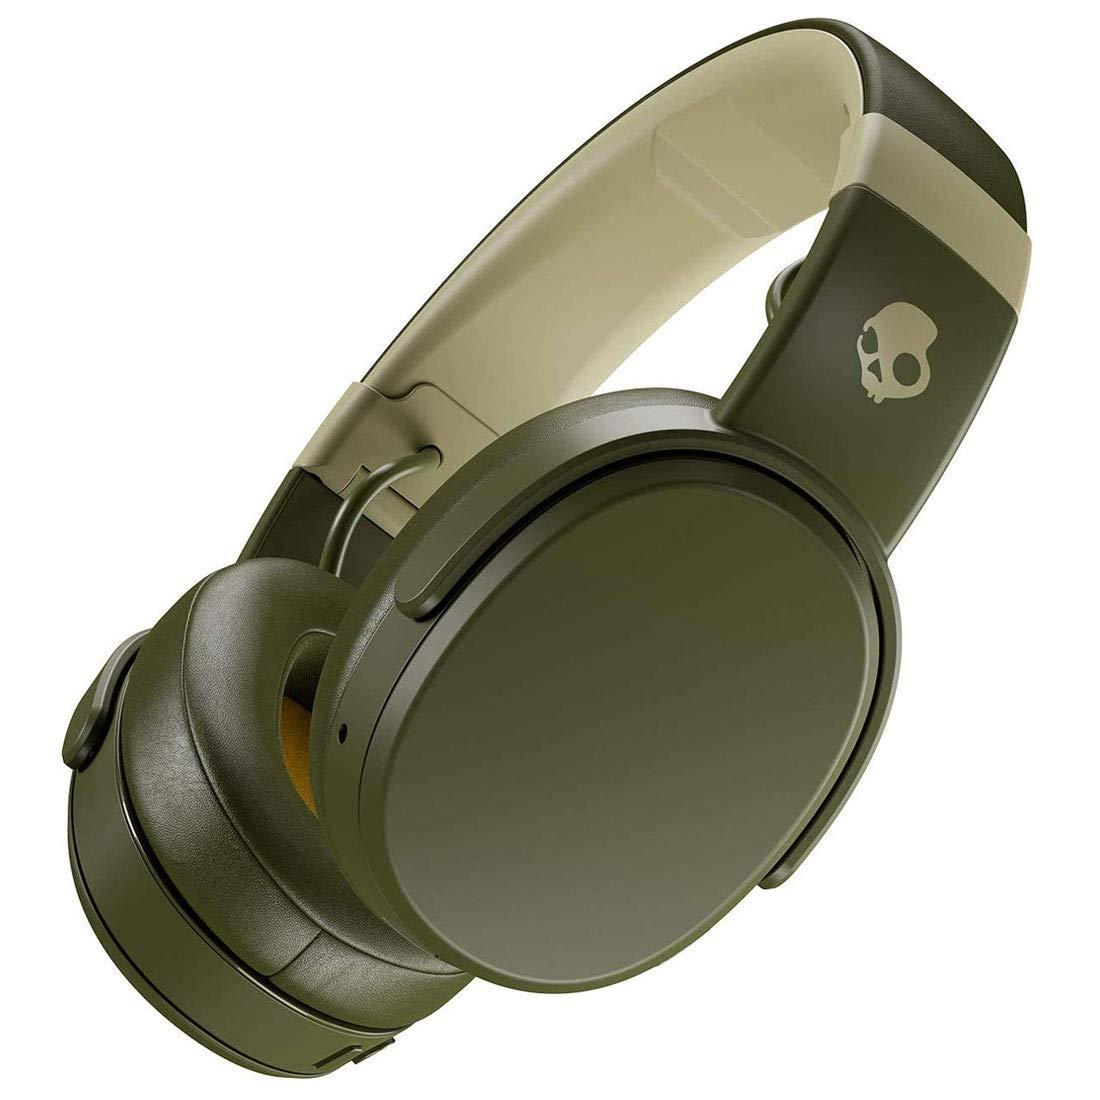 Skullcandy Crusher Wireless Over-Ear Headphone - Olive